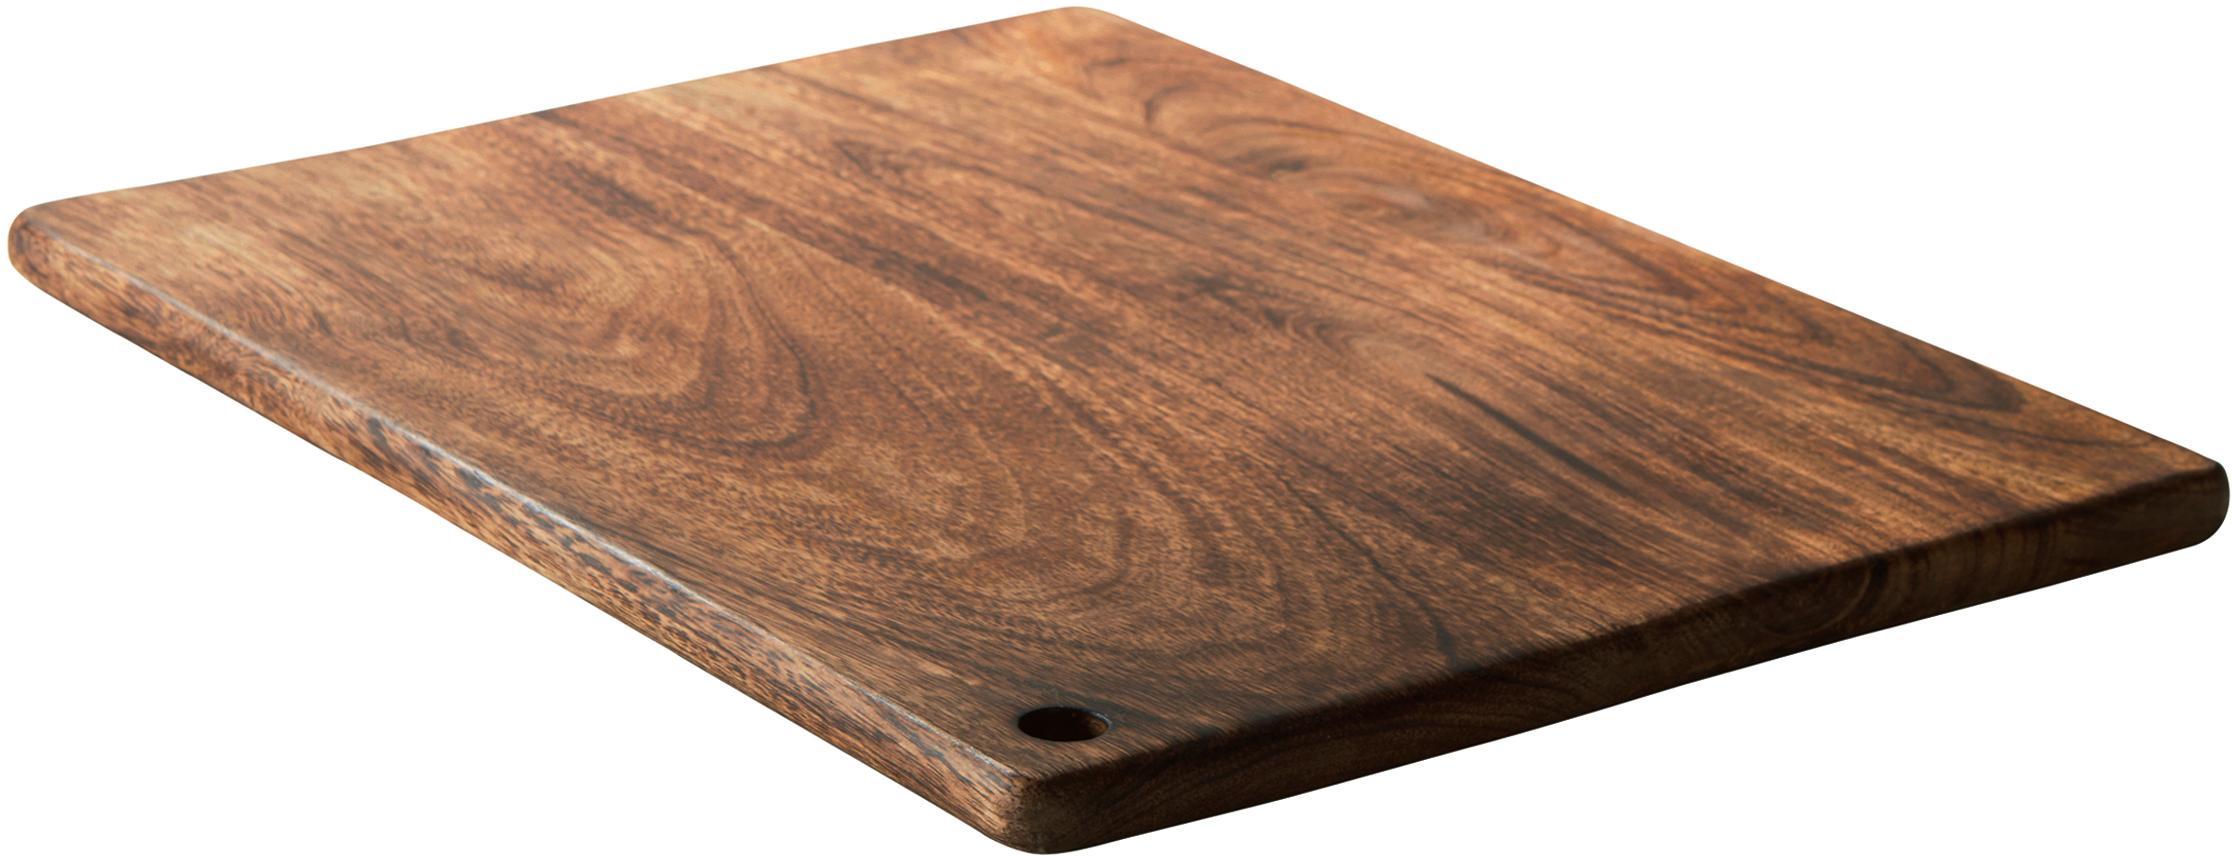 Tabla de cortar de madera Colton, Madera de mango, Madera de mango, An 40 x F 30 cm